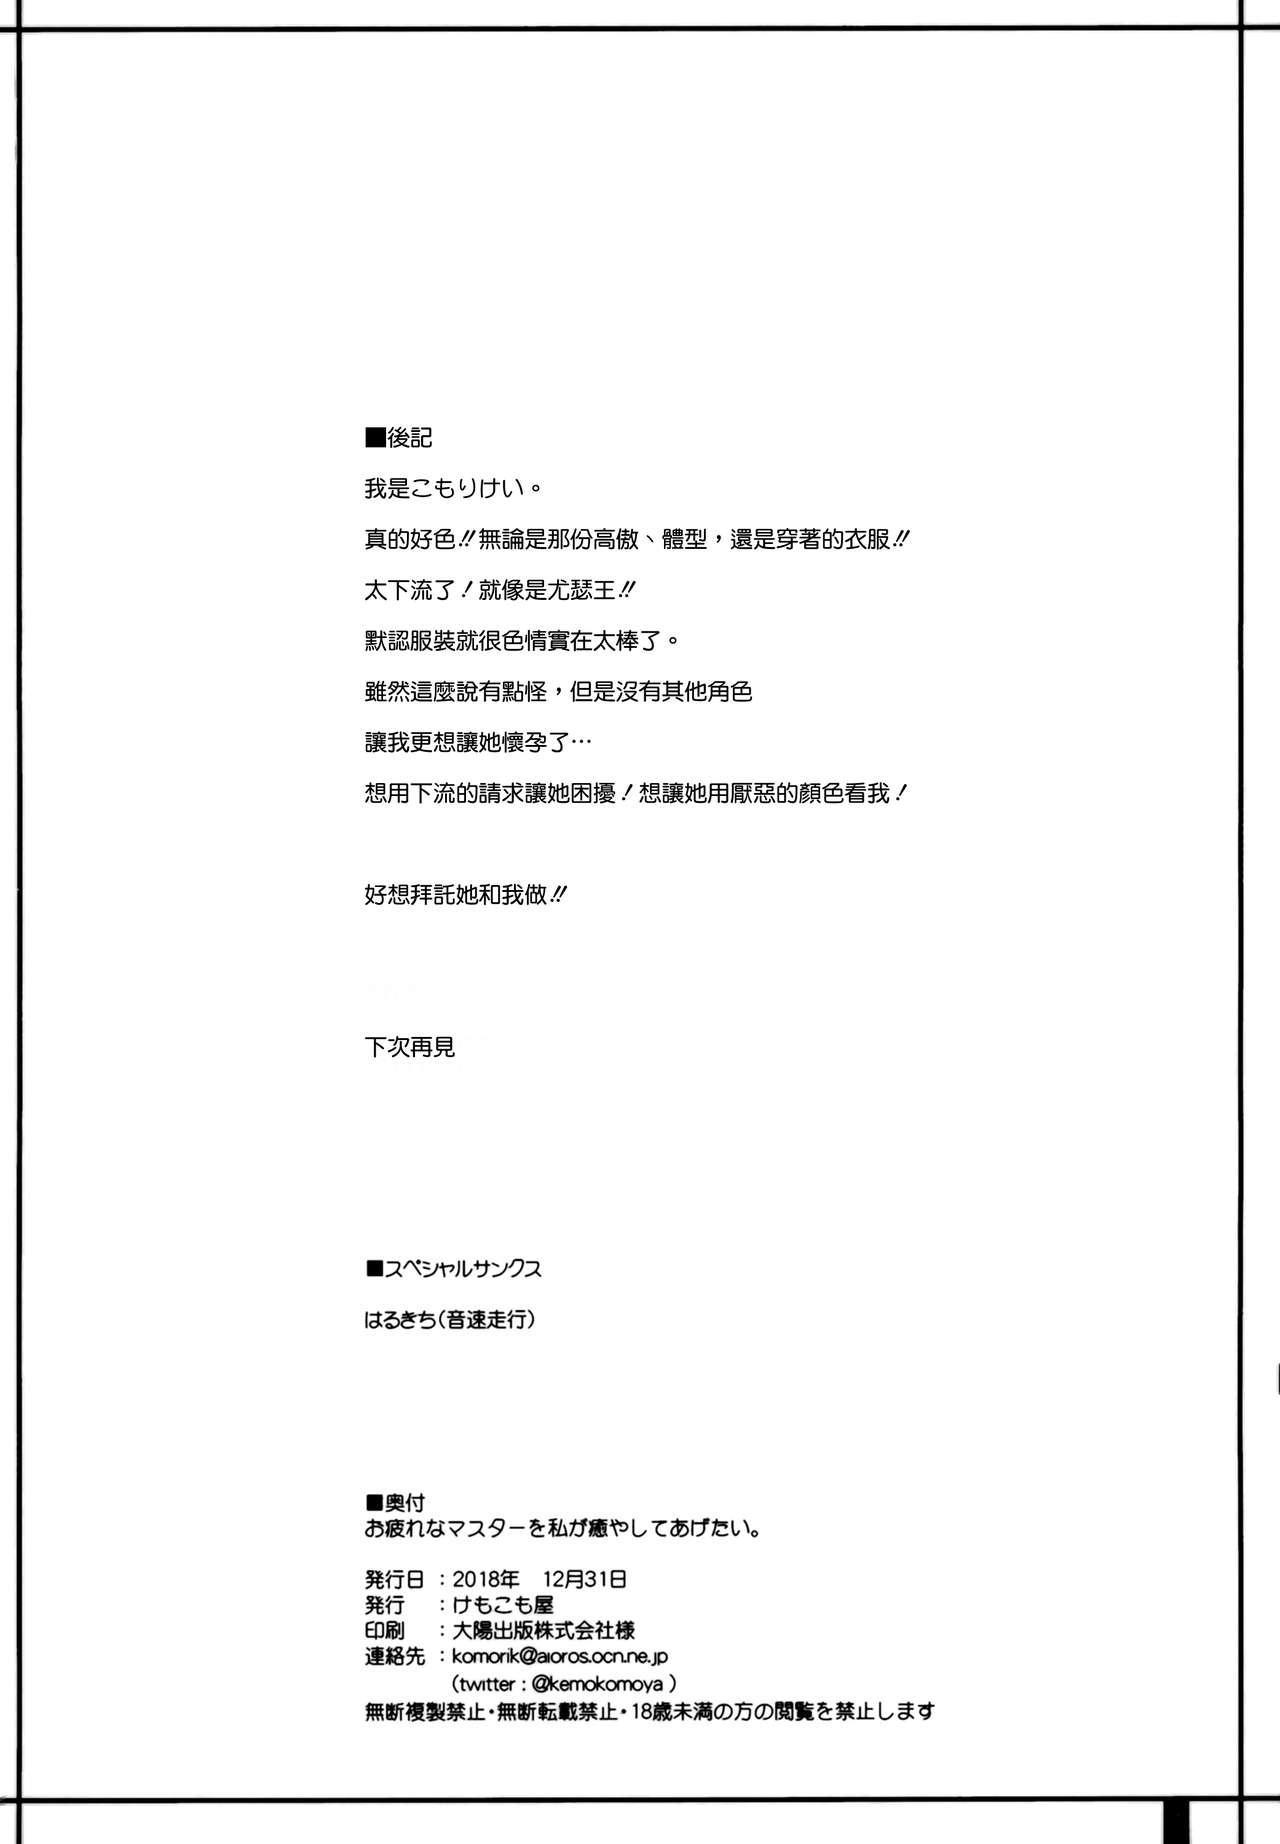 Otsukare na Master o Watashi ga Iyashite Agetai. 25